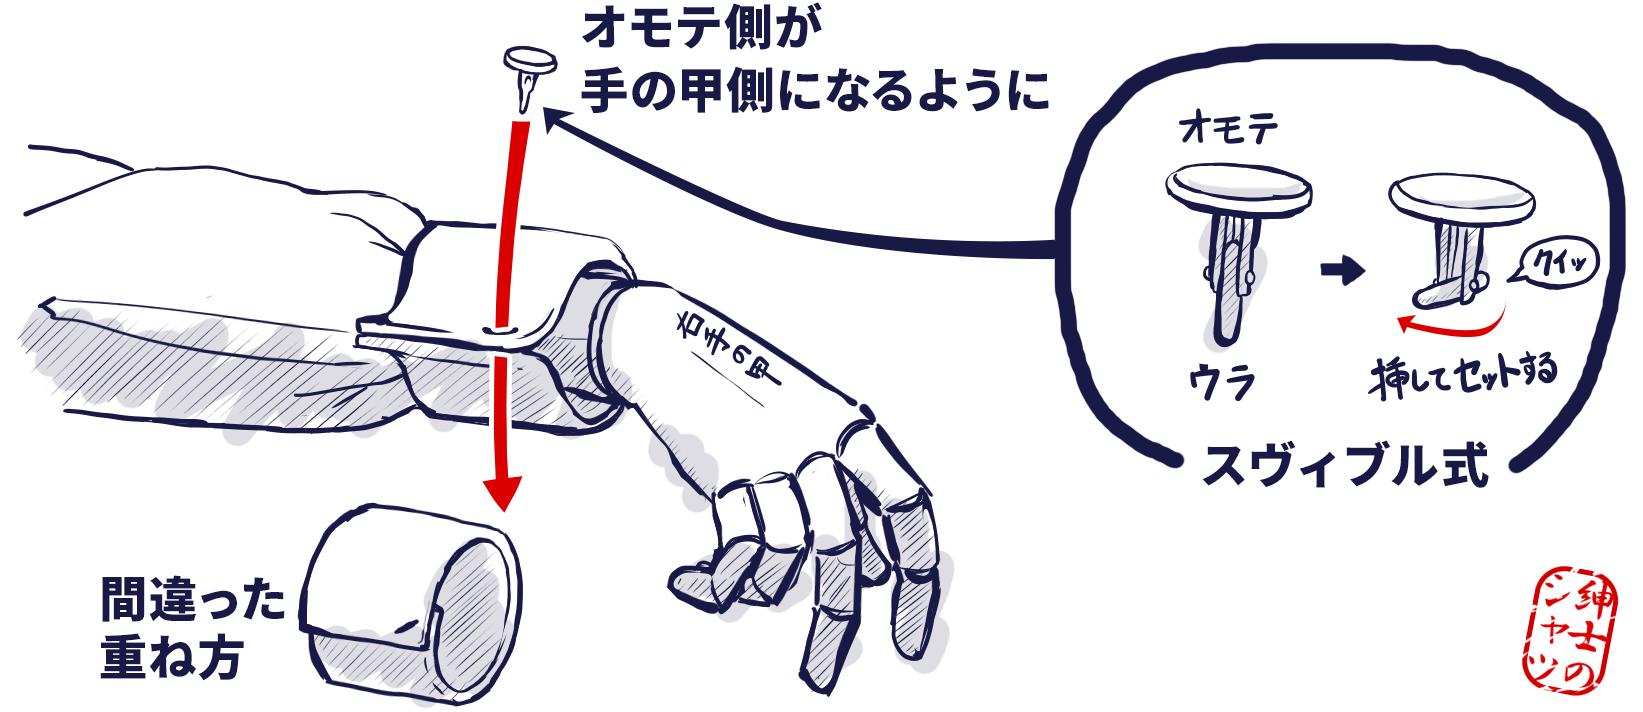 【カフス(カフリンク)のつけ方図解】